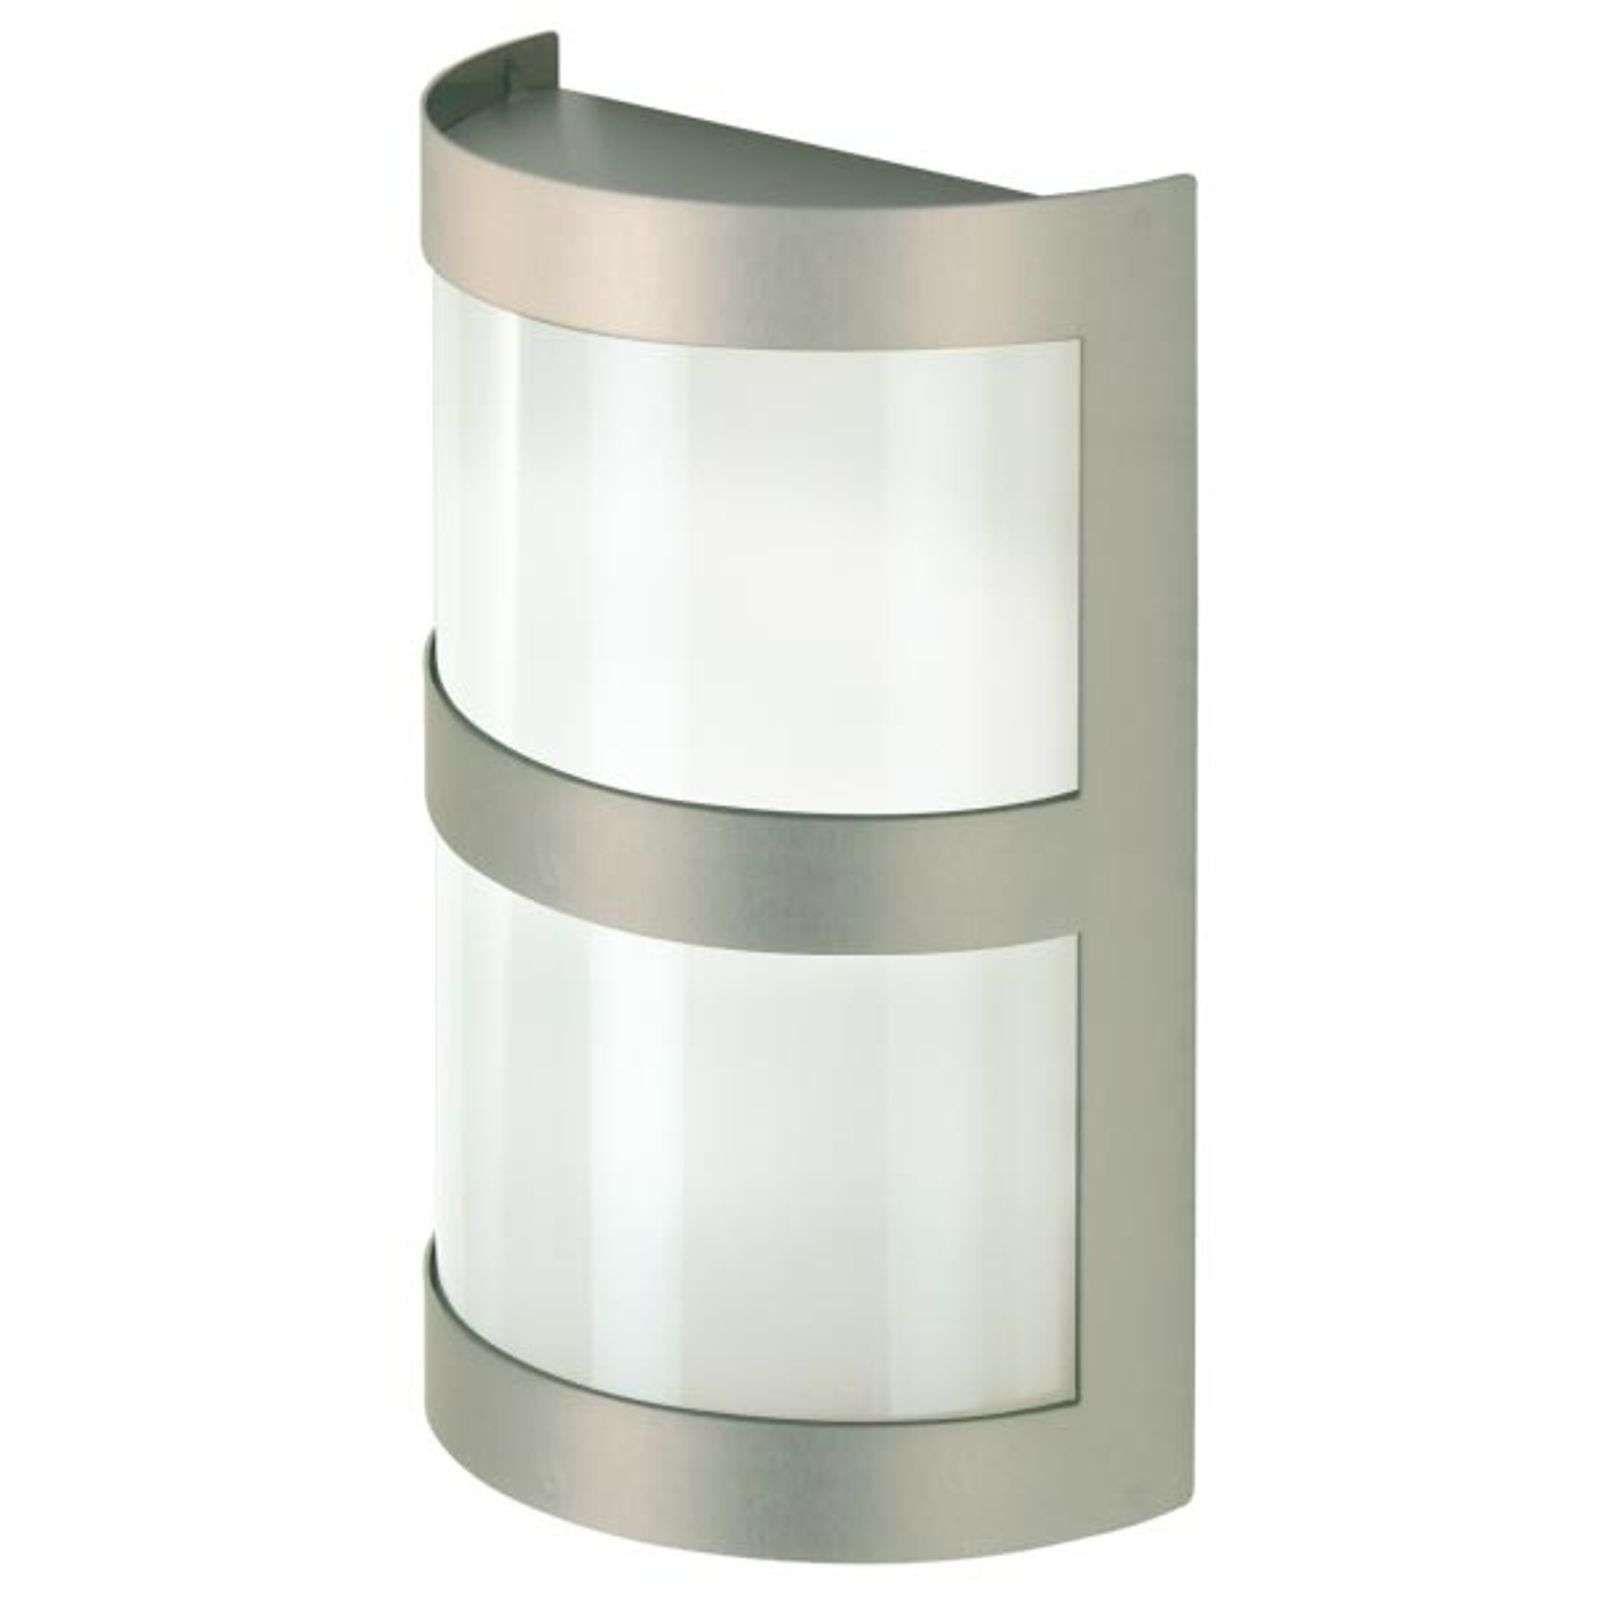 Applique En Inox De Fabrication Allemande Wandleuchte Edelstahl Stahl